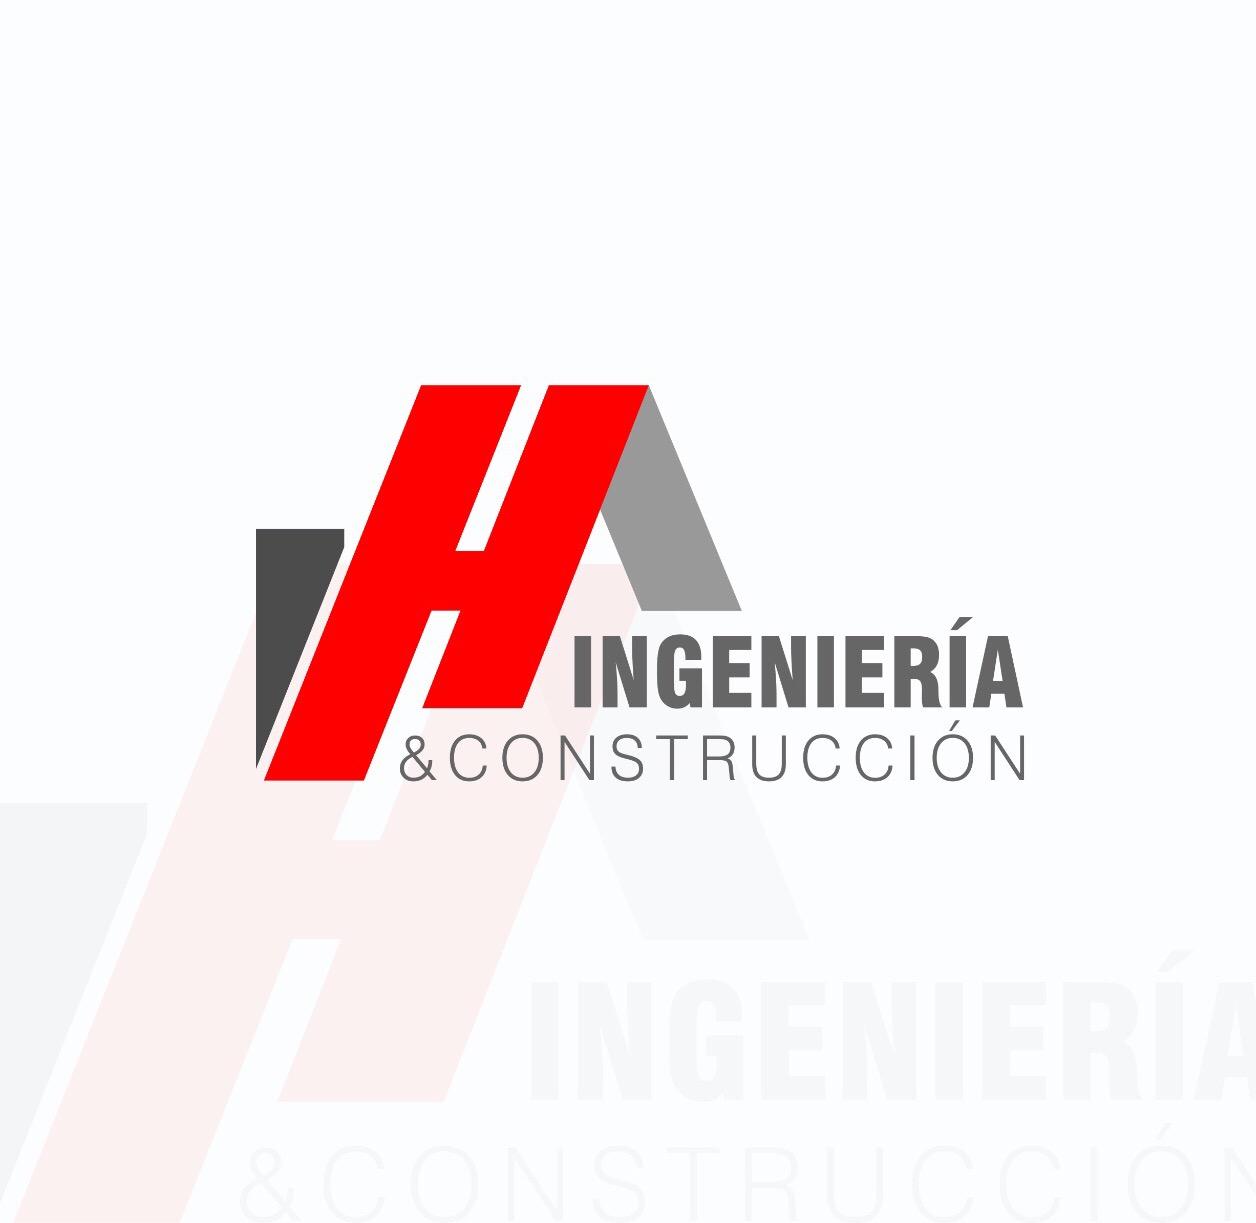 Jh Ingenieria Y Construccion